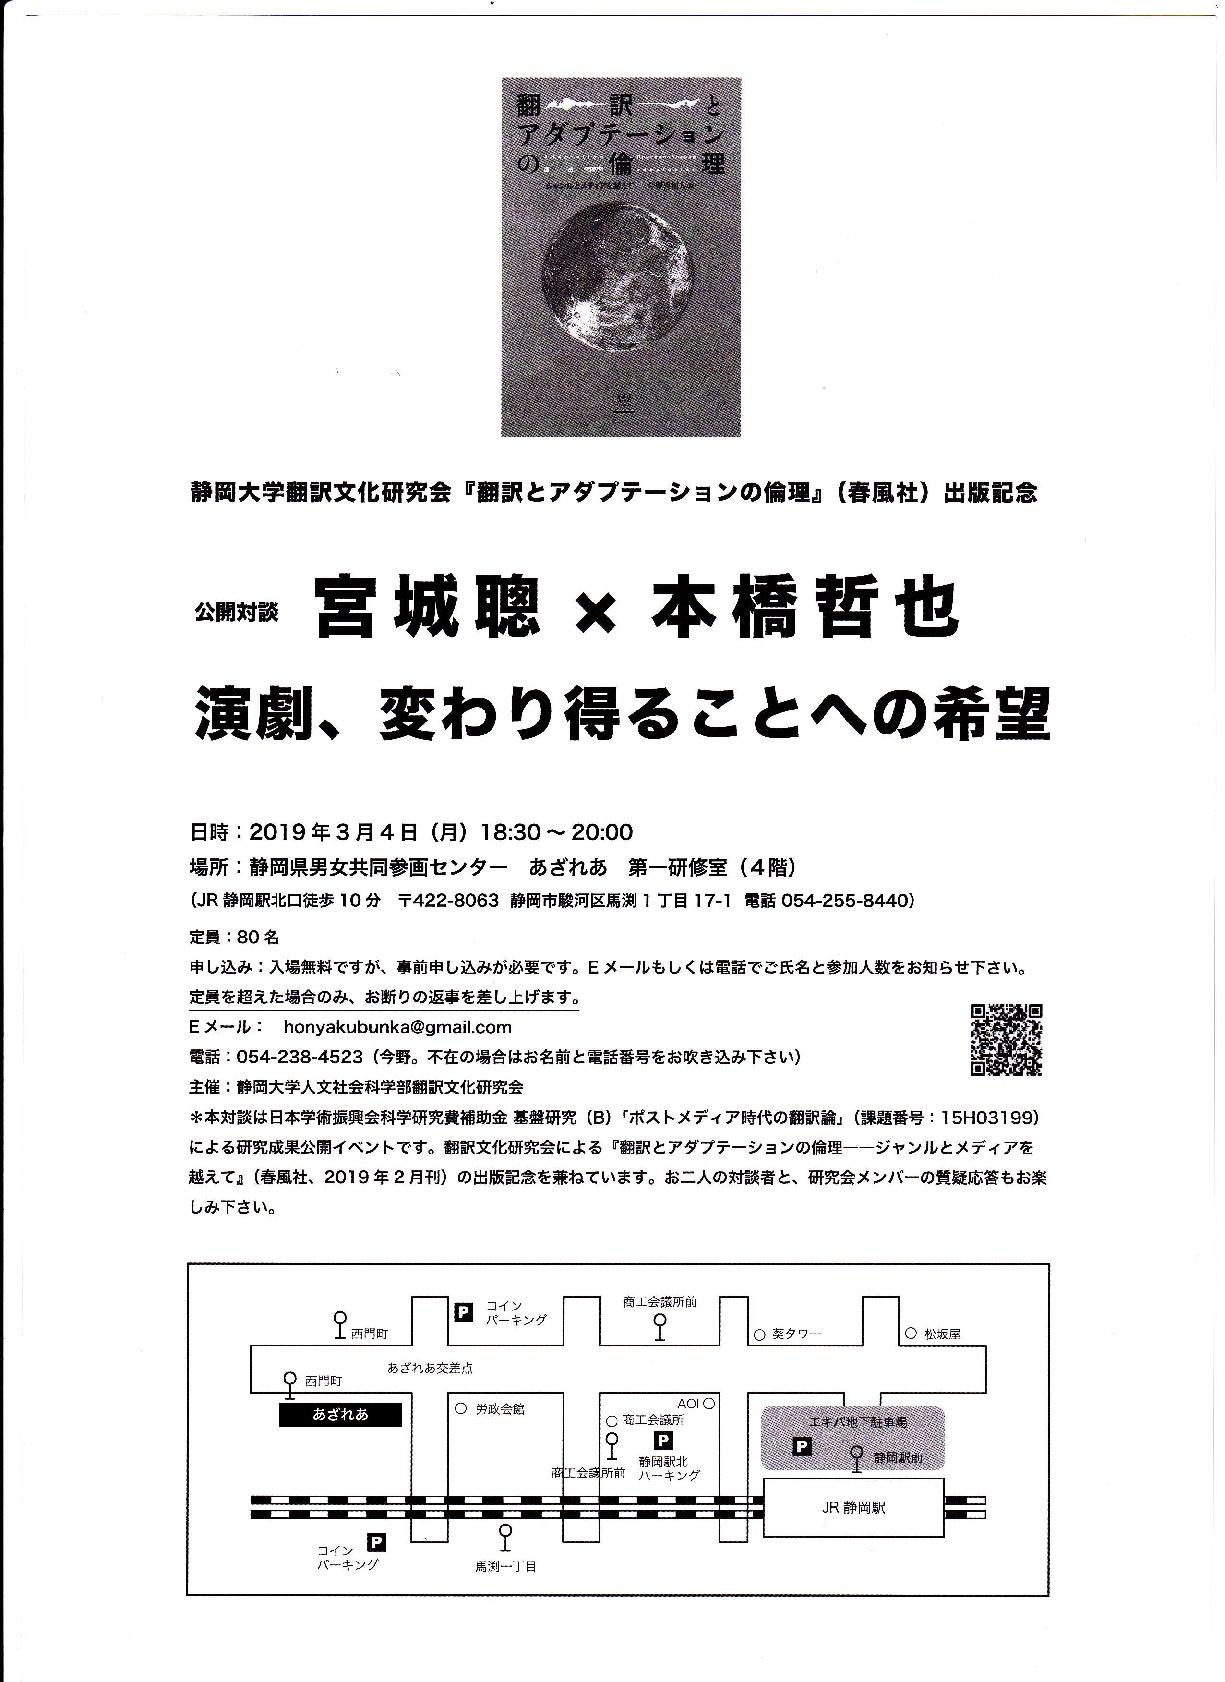 宮城氏×本橋氏対談チラシ(裏)